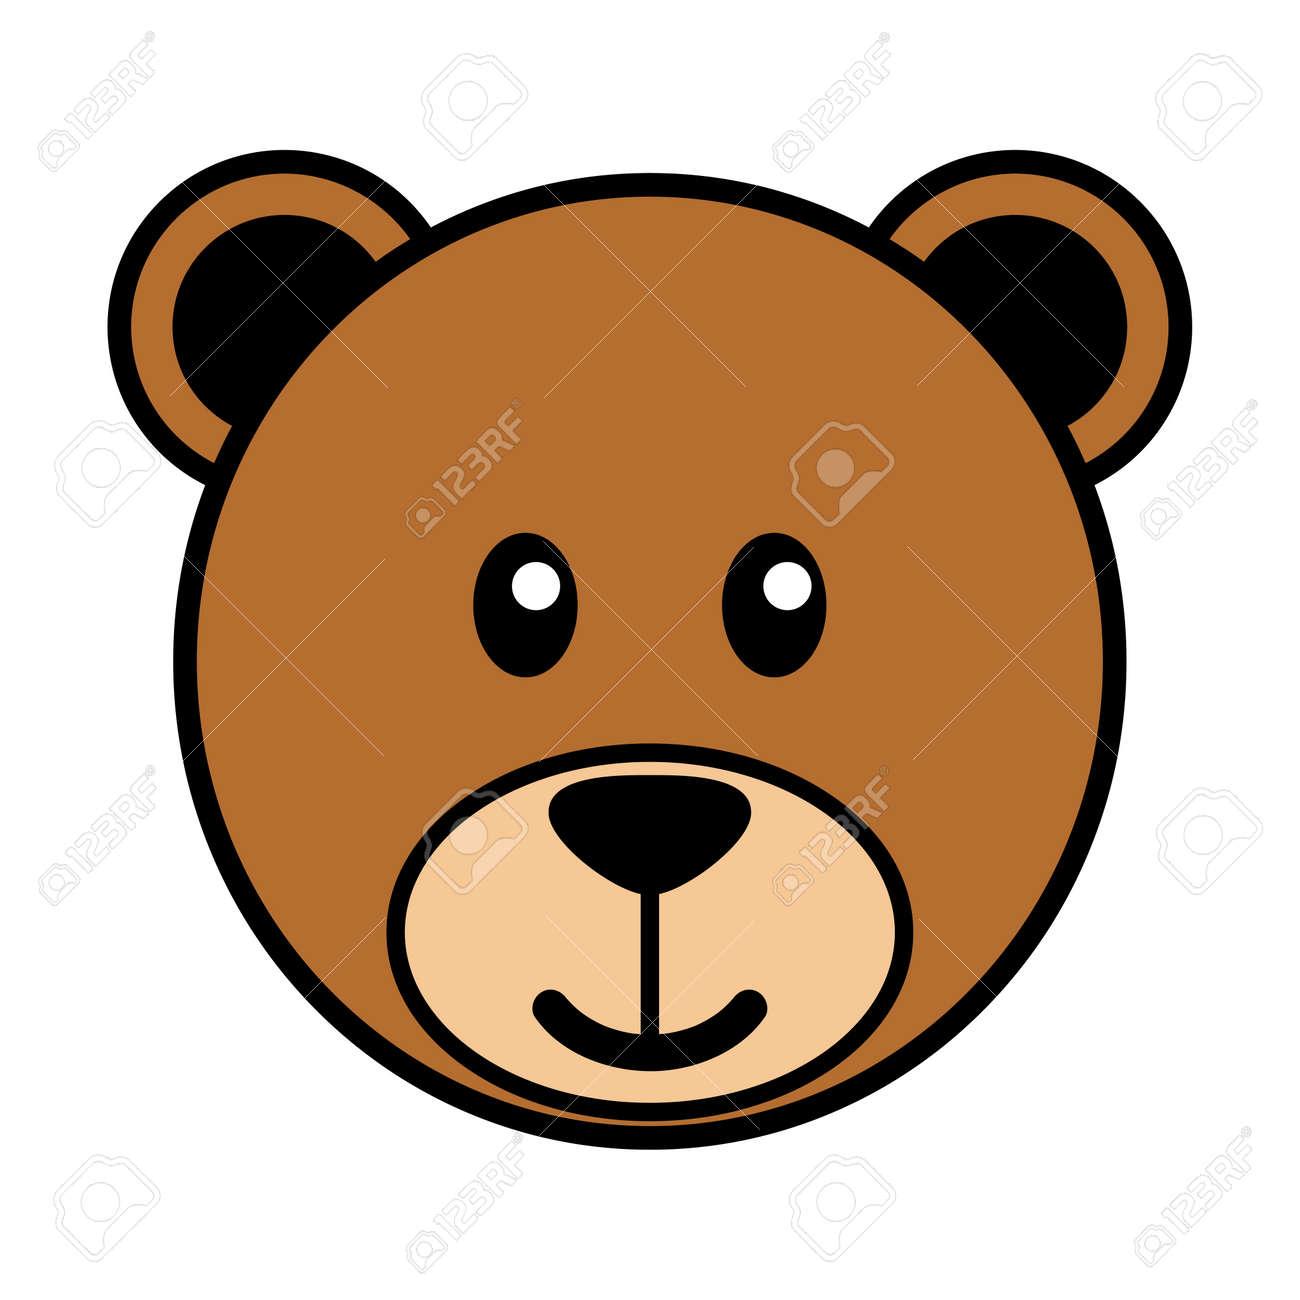 simple cartoon of a cute bear royalty free cliparts vectors and rh 123rf com cartoon bear face outline cartoon bear face pictures